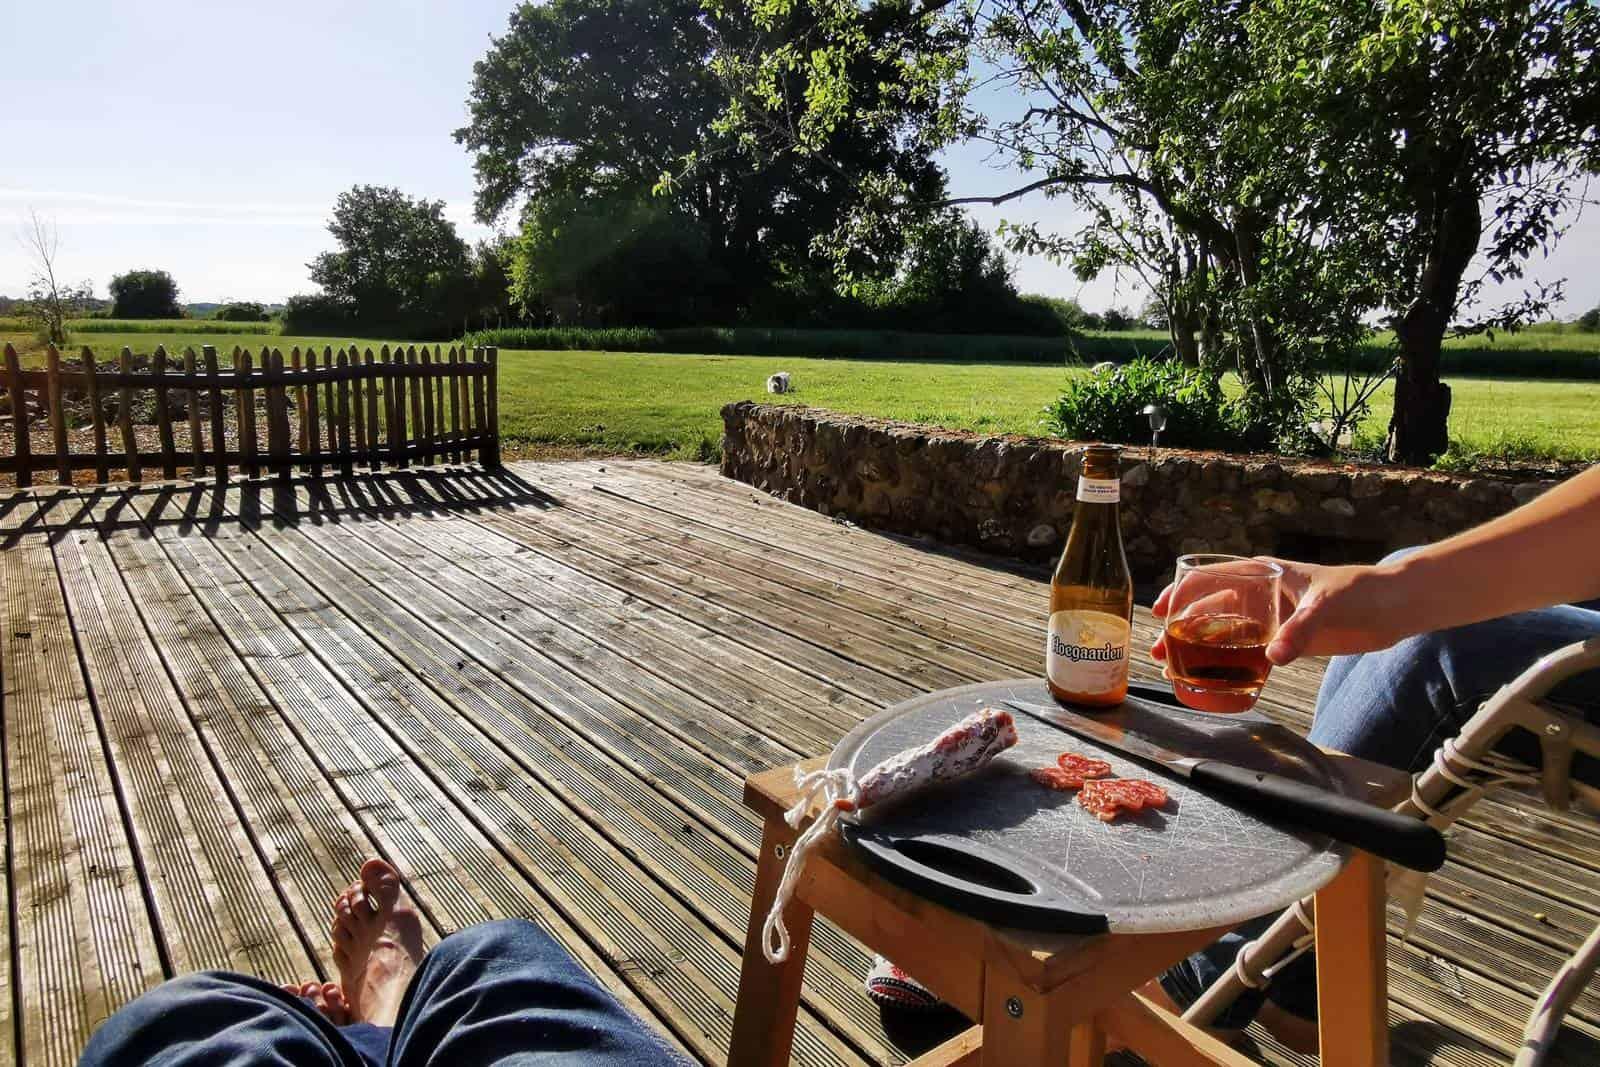 Apéritif sur la terrasse ensoleillée - gîte rural de Haute Forêt en Vallée du Loir